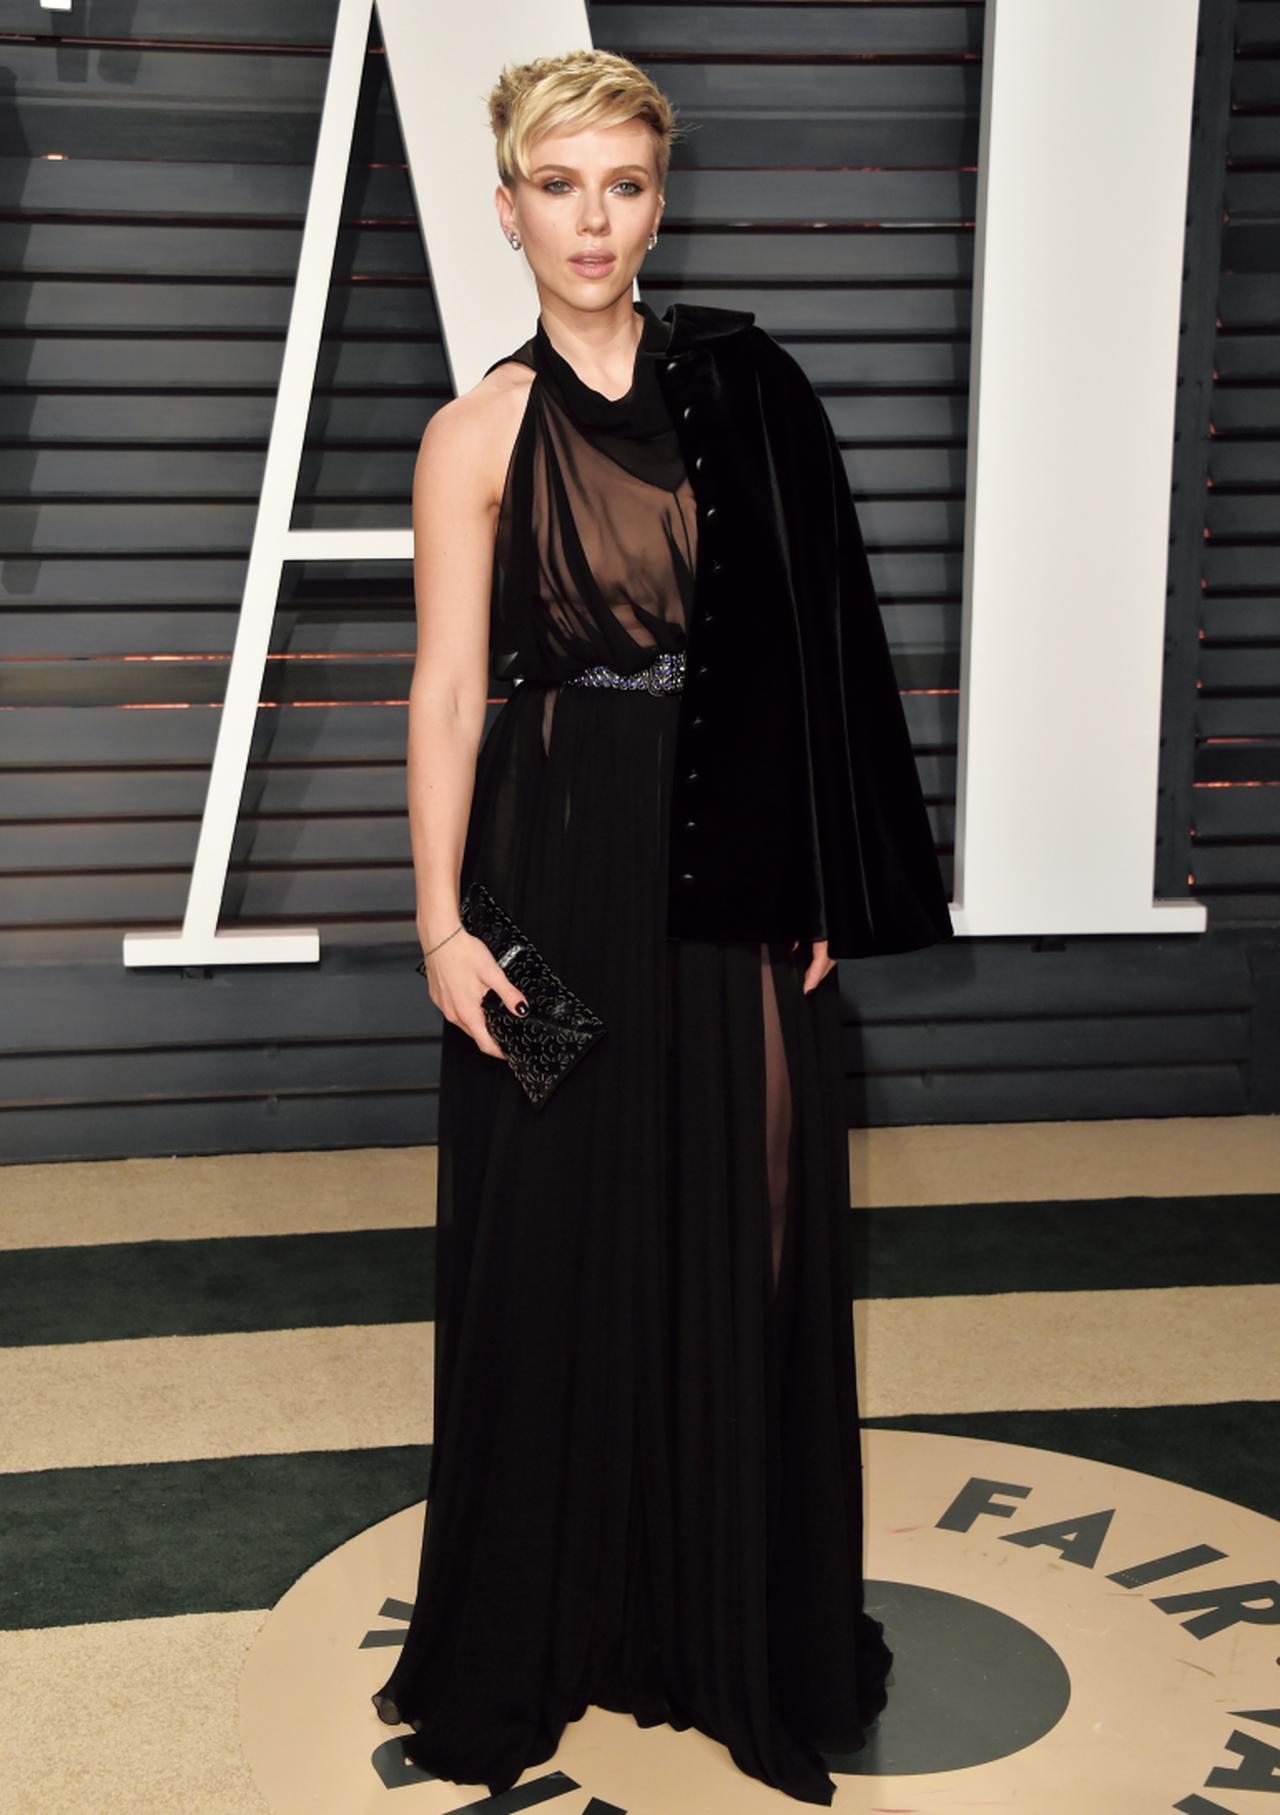 画像: ︎スカーレット・ヨハンソンはドレスだけでなくヘアスタイルにも変化をつけて